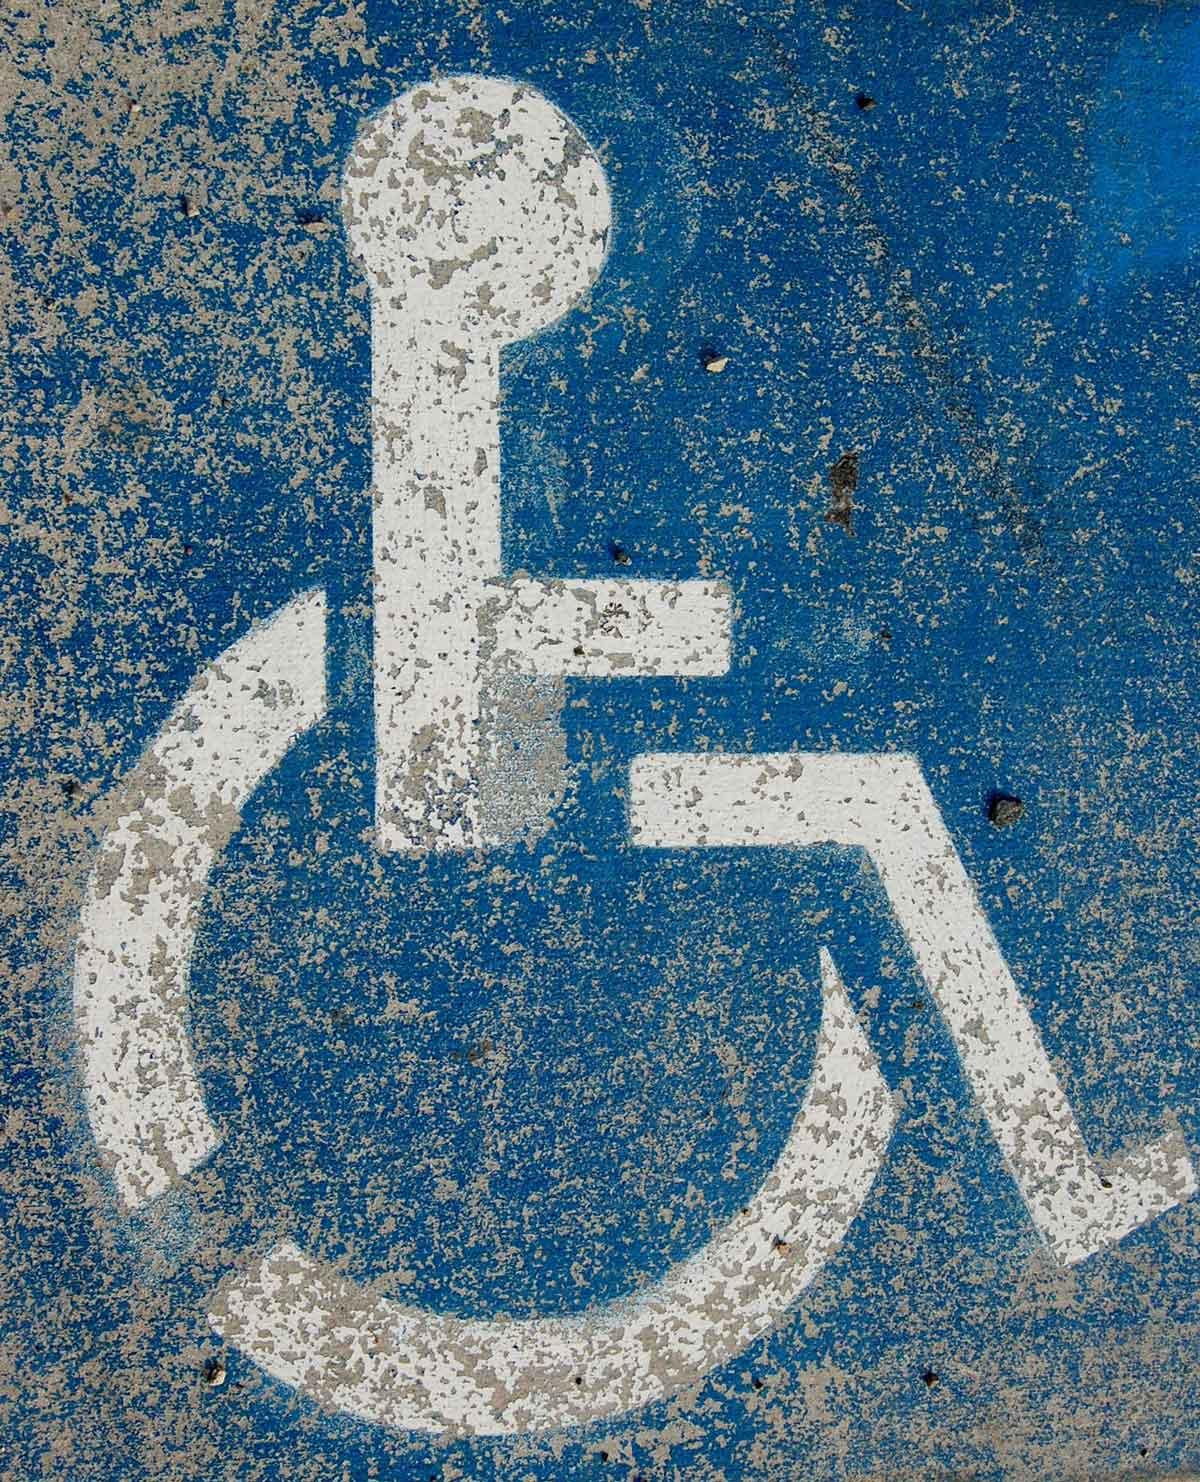 Réductions pour personnes handicapées lors de l'achat d'une nouvelle voiture